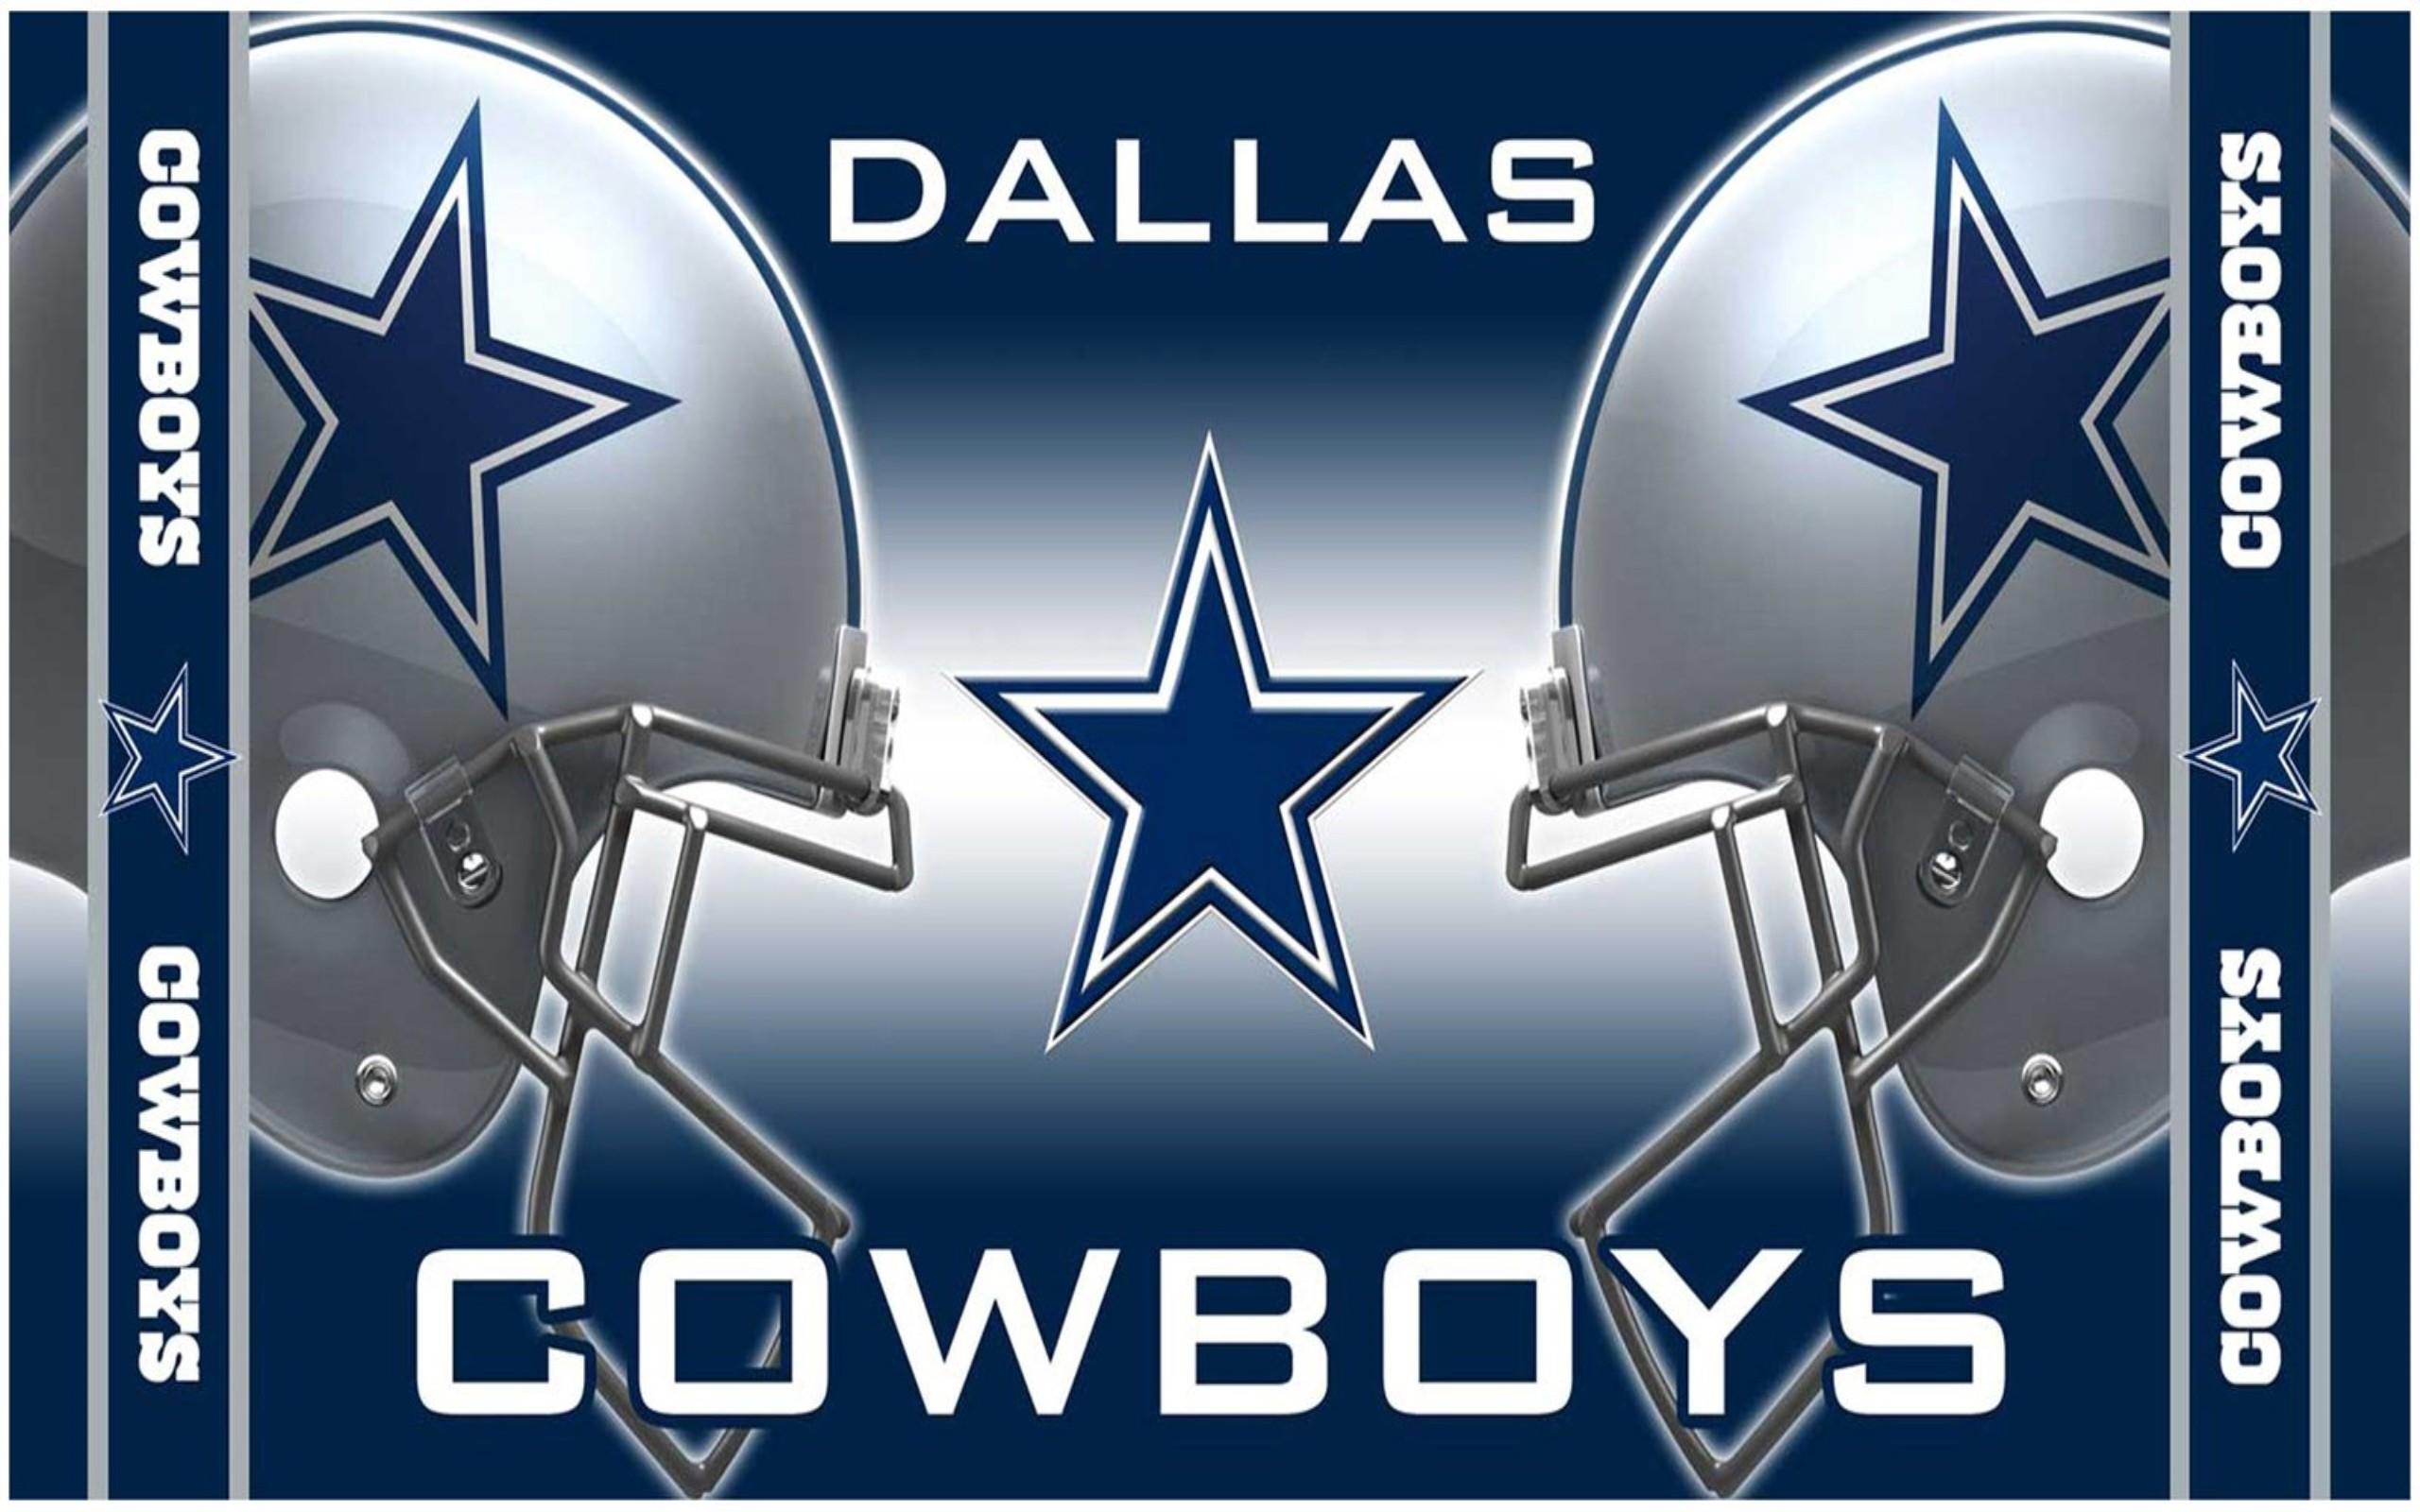 Dallas Cowboys Schedule 2014 Printable PDF Dallas Cowboys Schedule 2560x1600